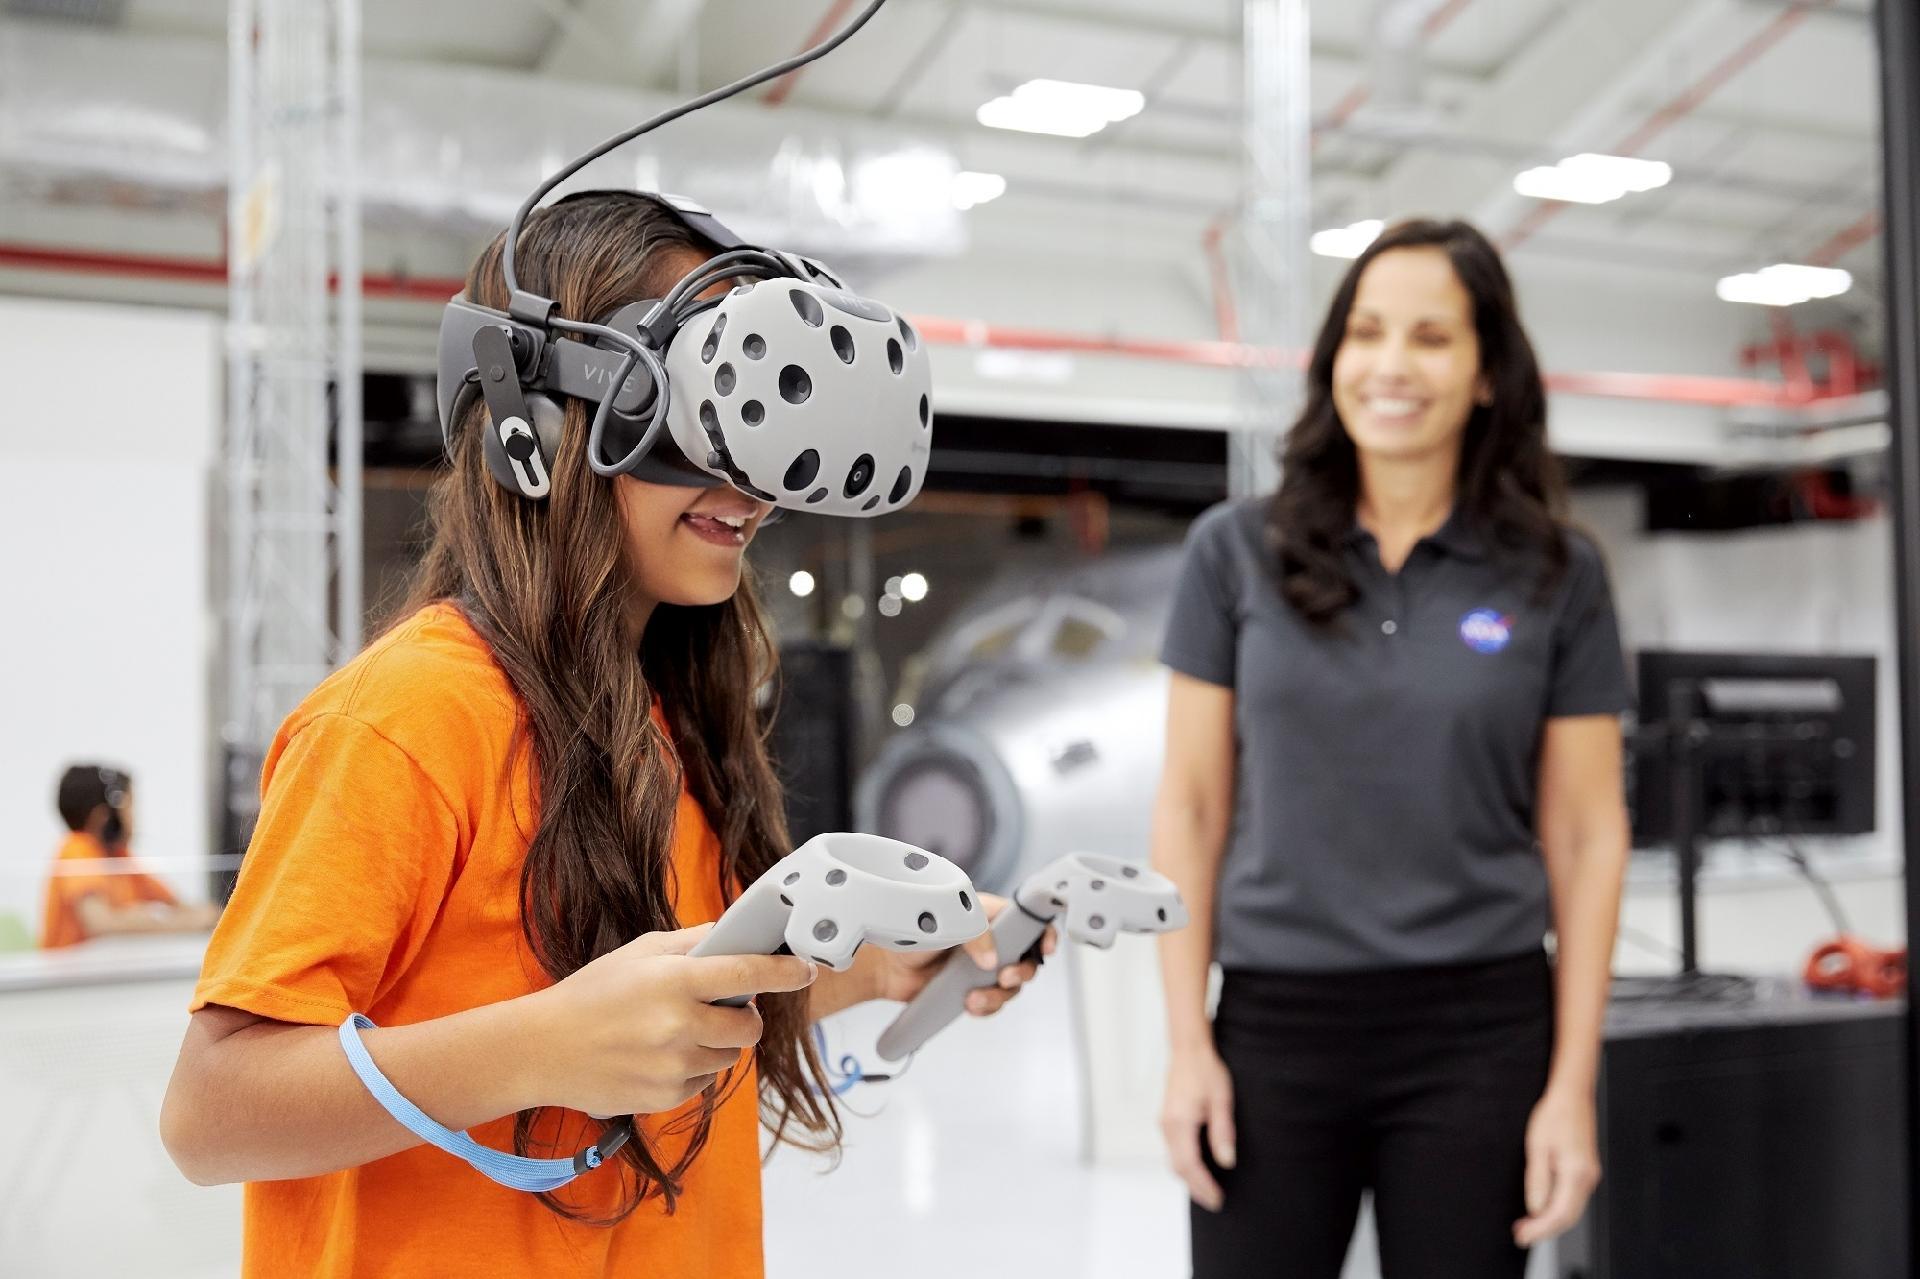 Em centro da Nasa, na Flórida, turista pode simular viagem a Marte